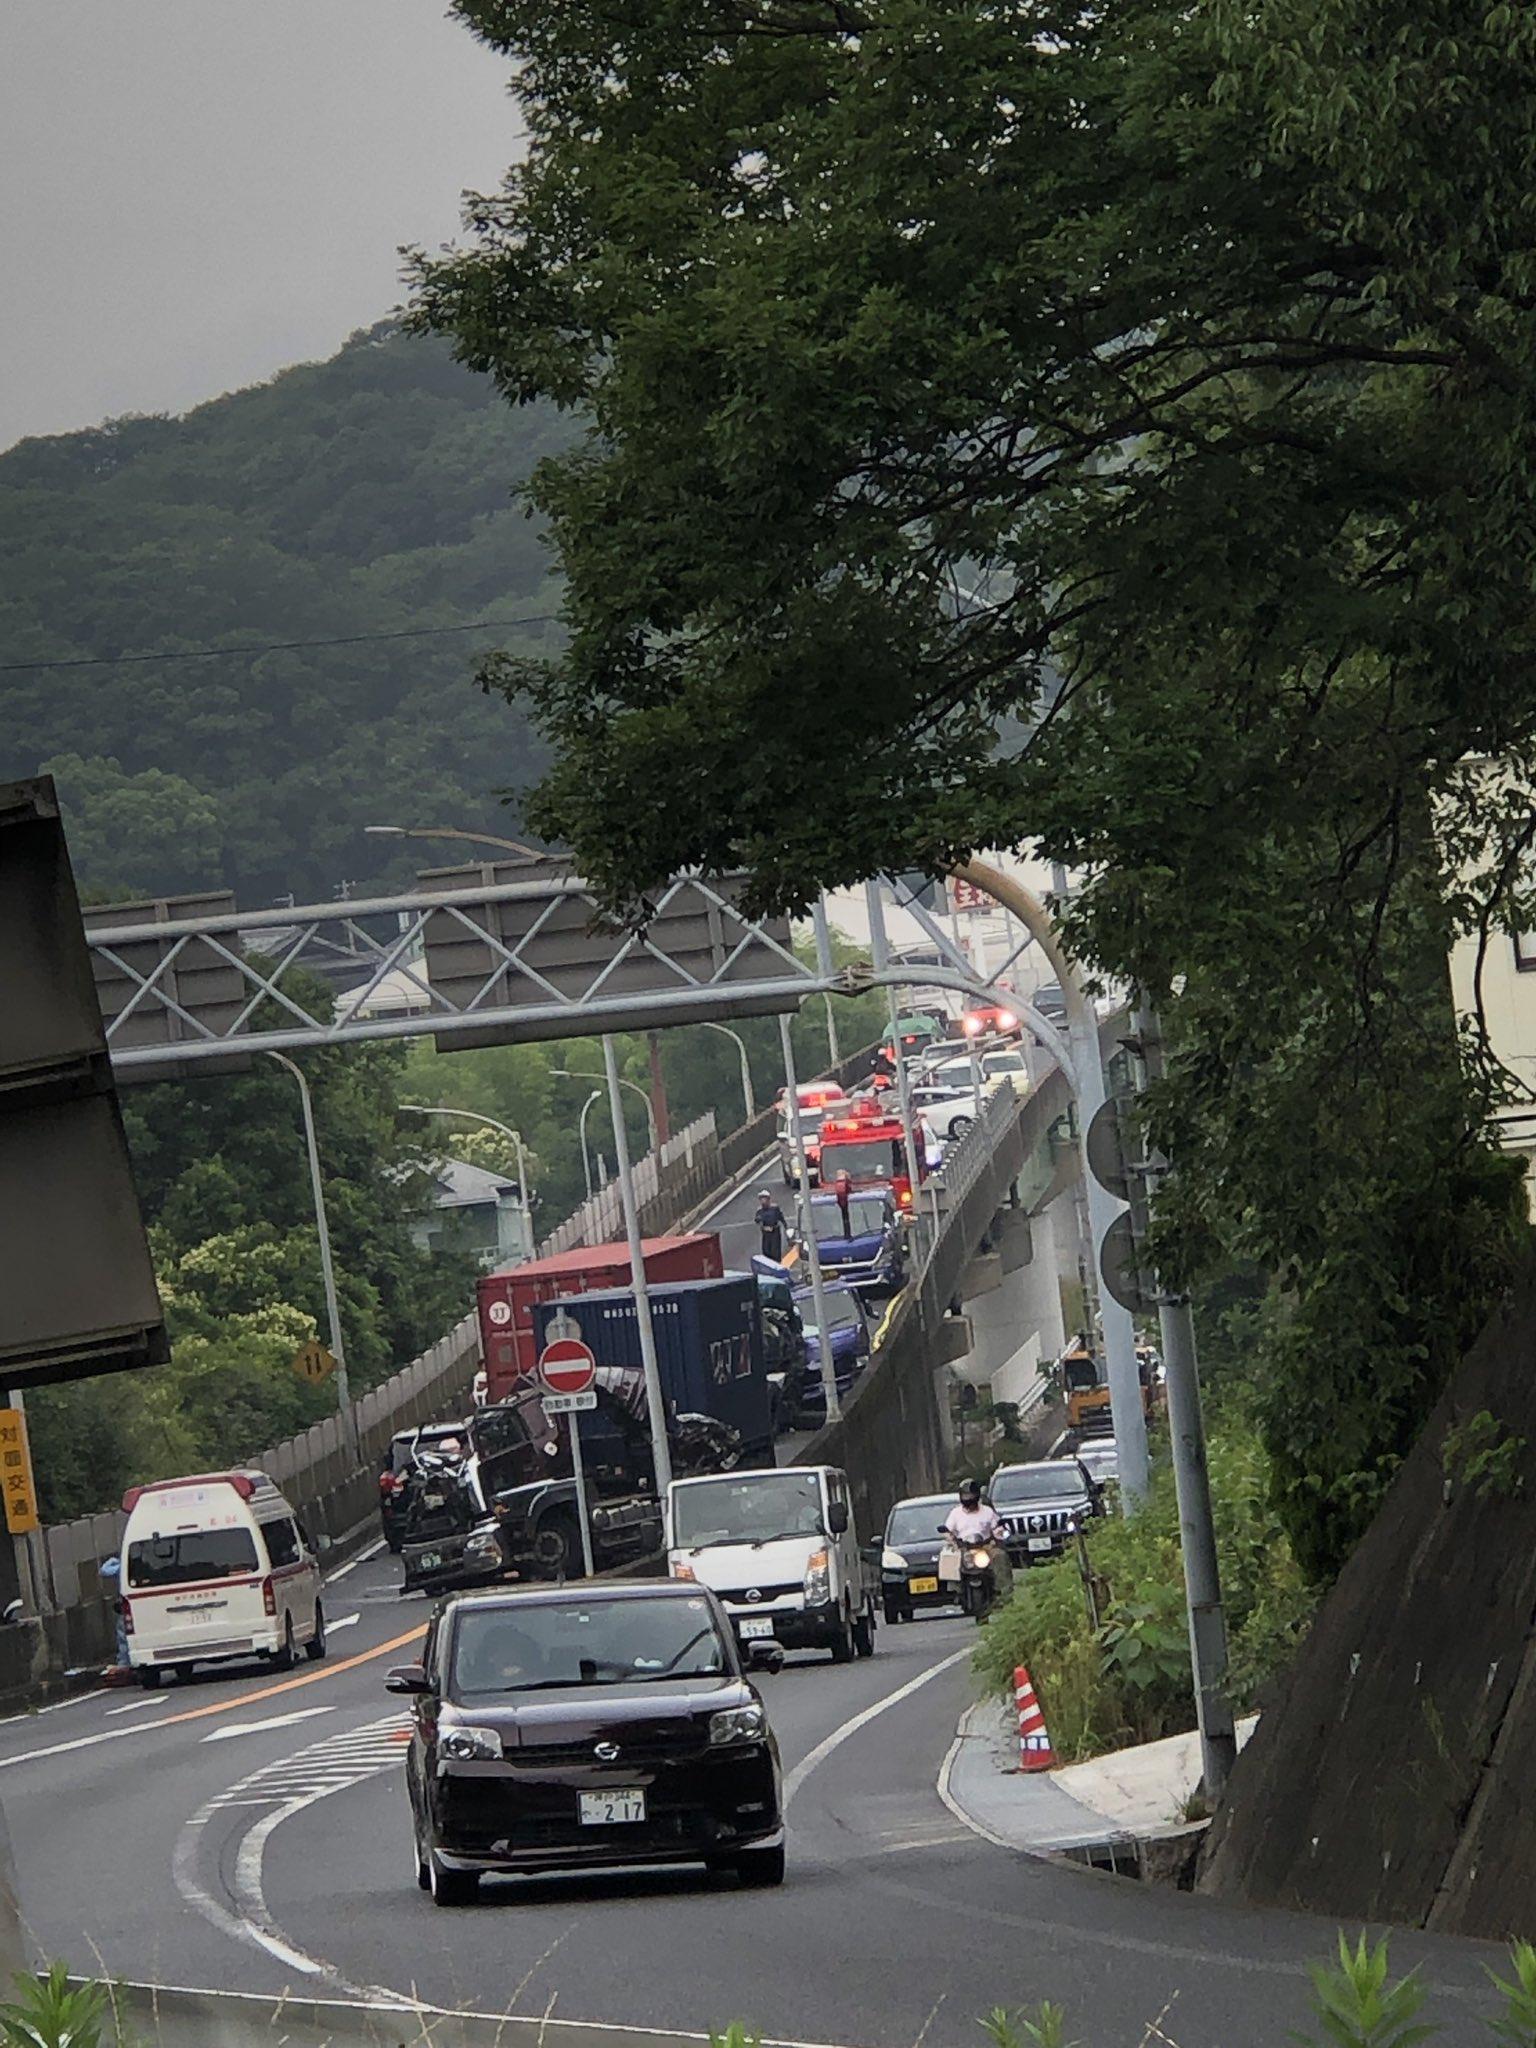 神戸市須磨区でトレーラーの運転手が死亡した事故現場の画像